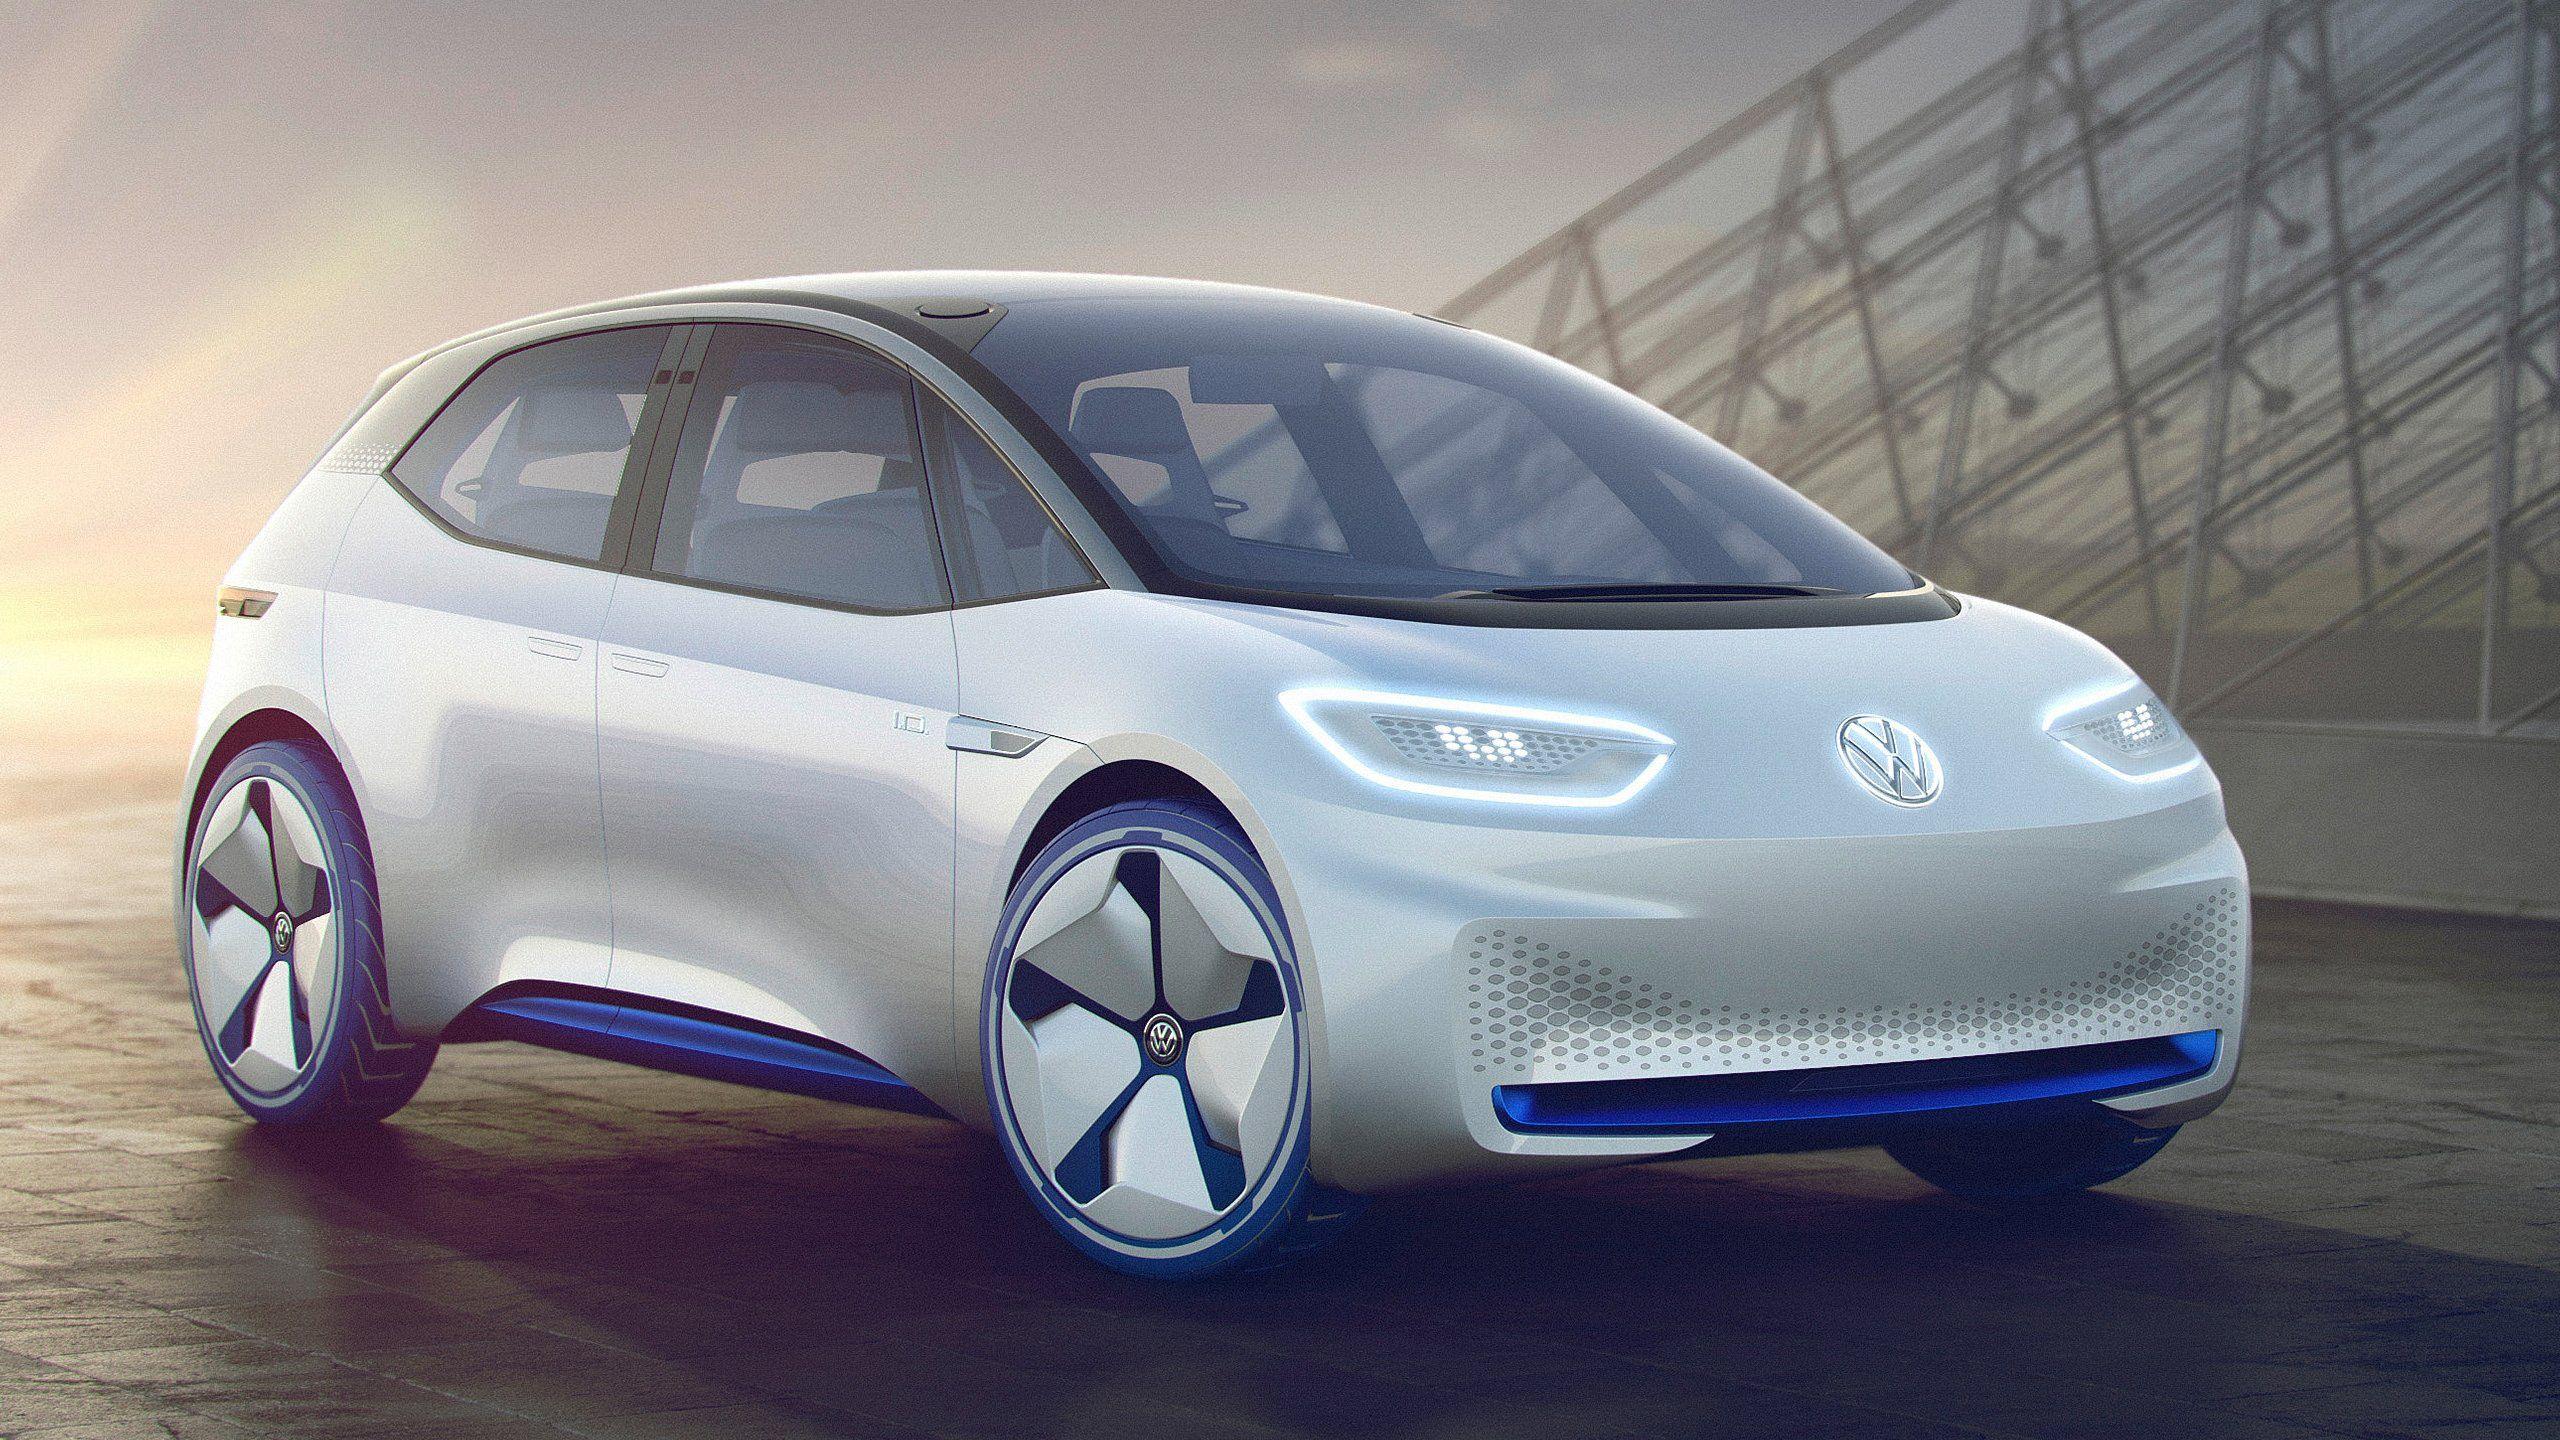 Slik så konseptversjonen av VW Neo ut på selskapets egne skisser.